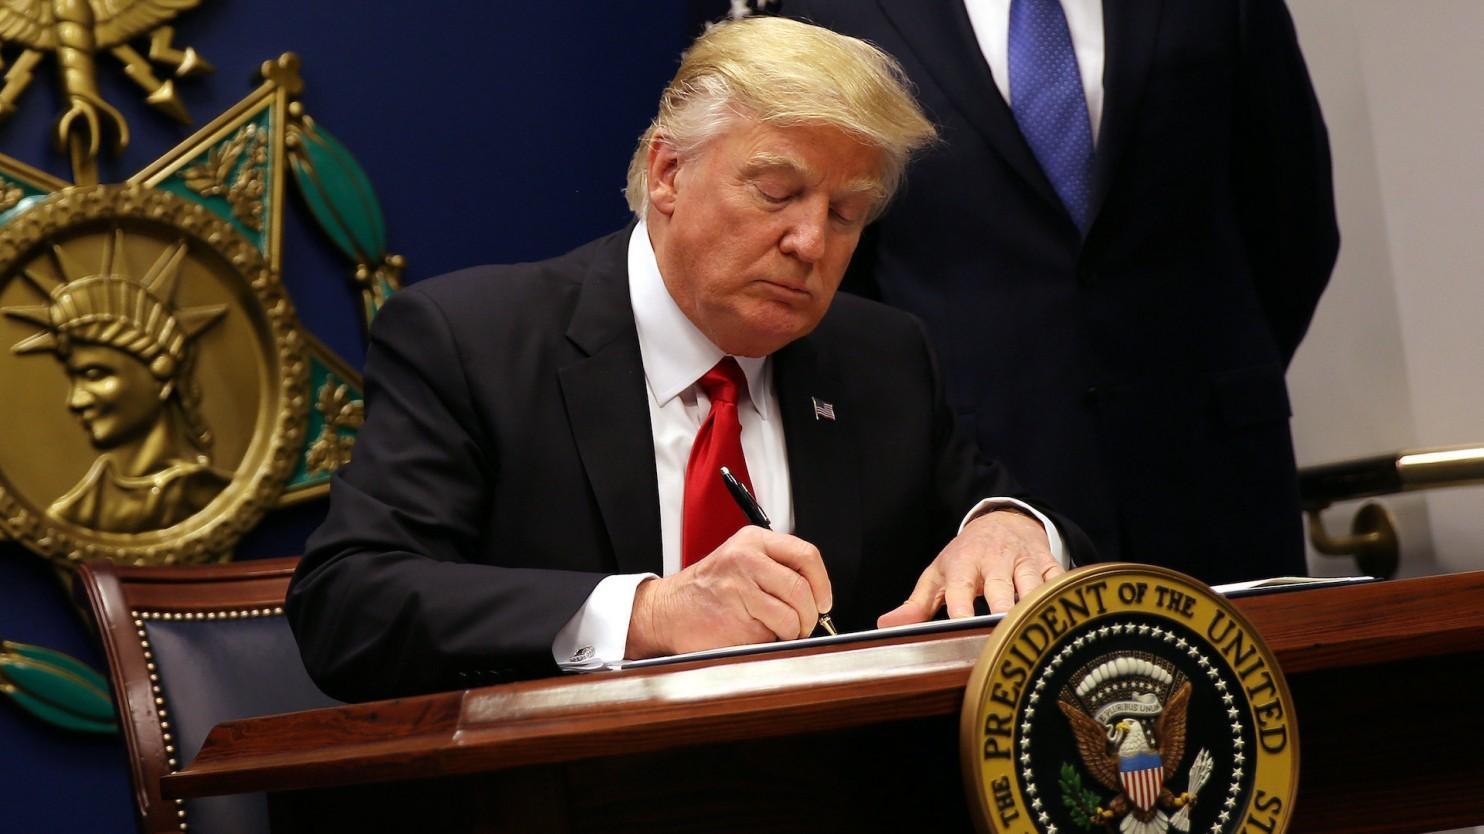 特朗普将再签移民禁令 规定更严准入标准人数上限